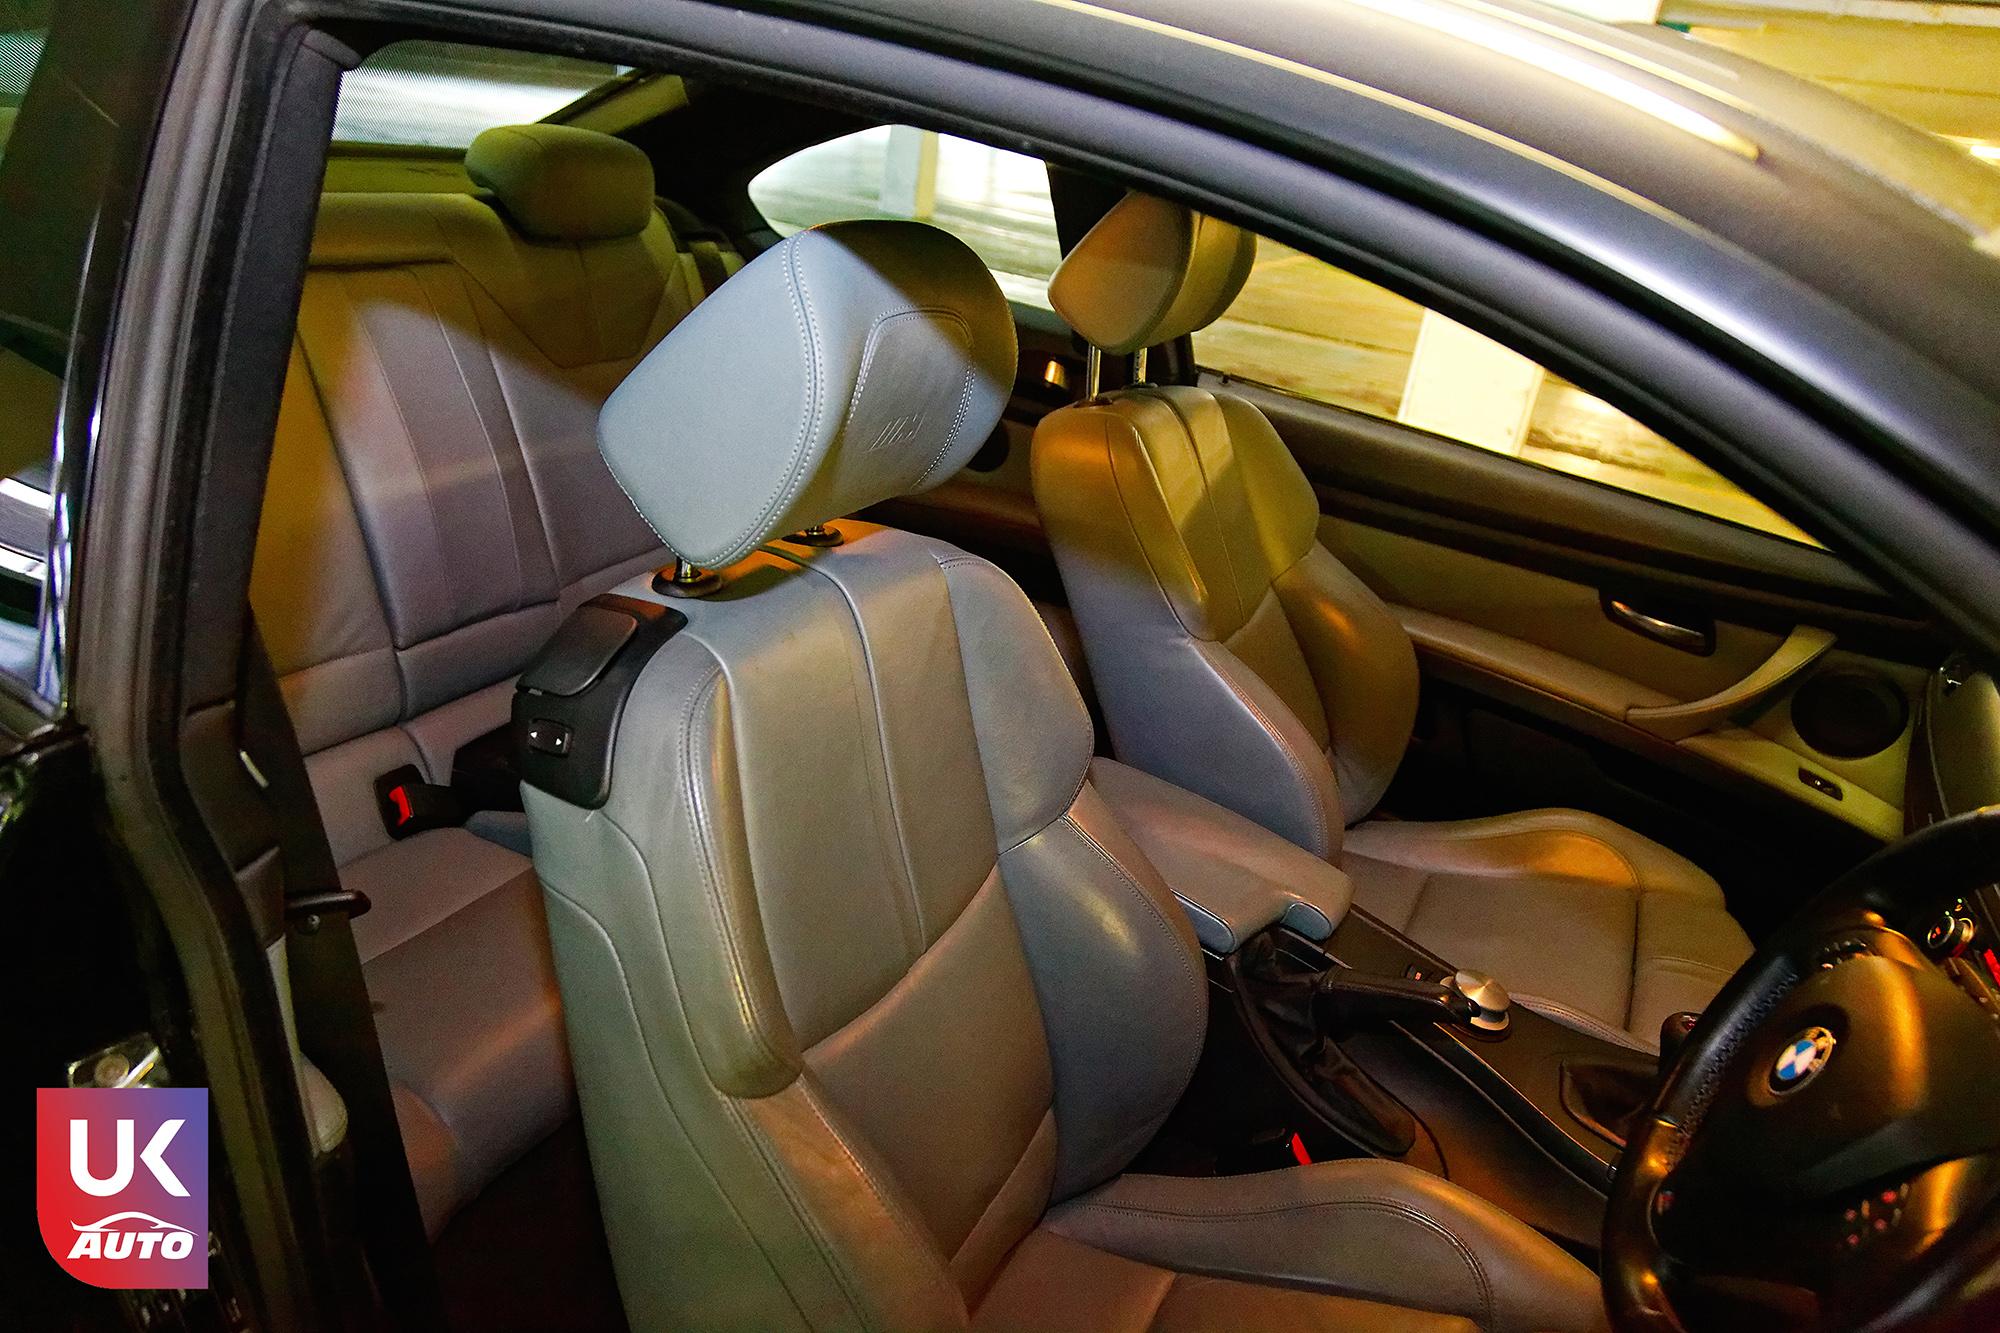 BMW m3 rhd ukauto importer voiture angleterre uk9 - Felecitation a Sylvain Pour cette BMW M3 E92 RHD pour avoir acheter une voiture en angleterre avant le brexit